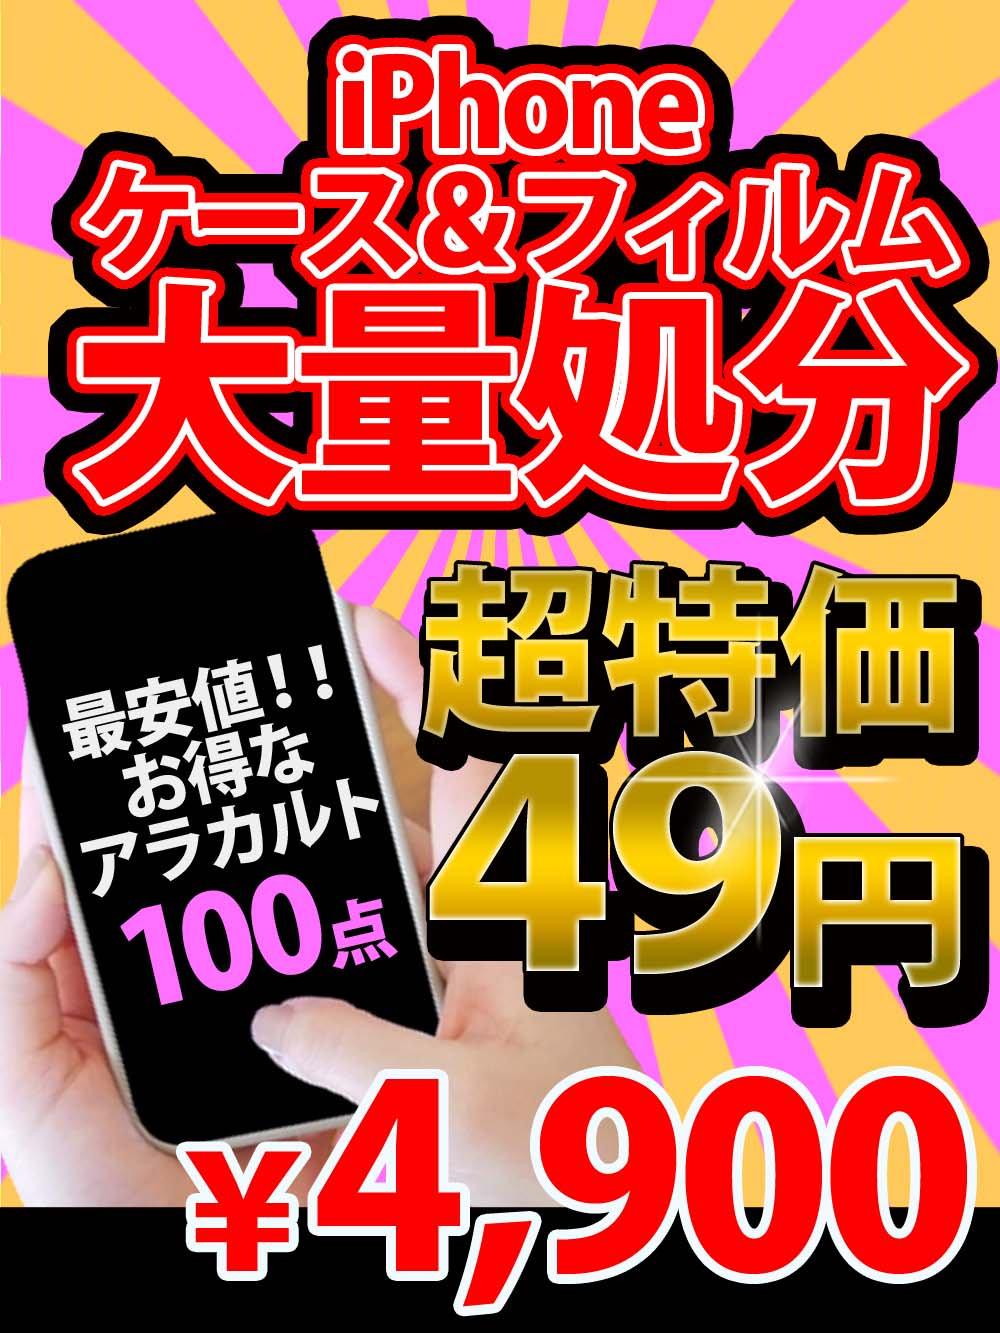 ★超特価49円★iPhoneケース&フィルムを大量処分!最安値でお得なアラカルト100点